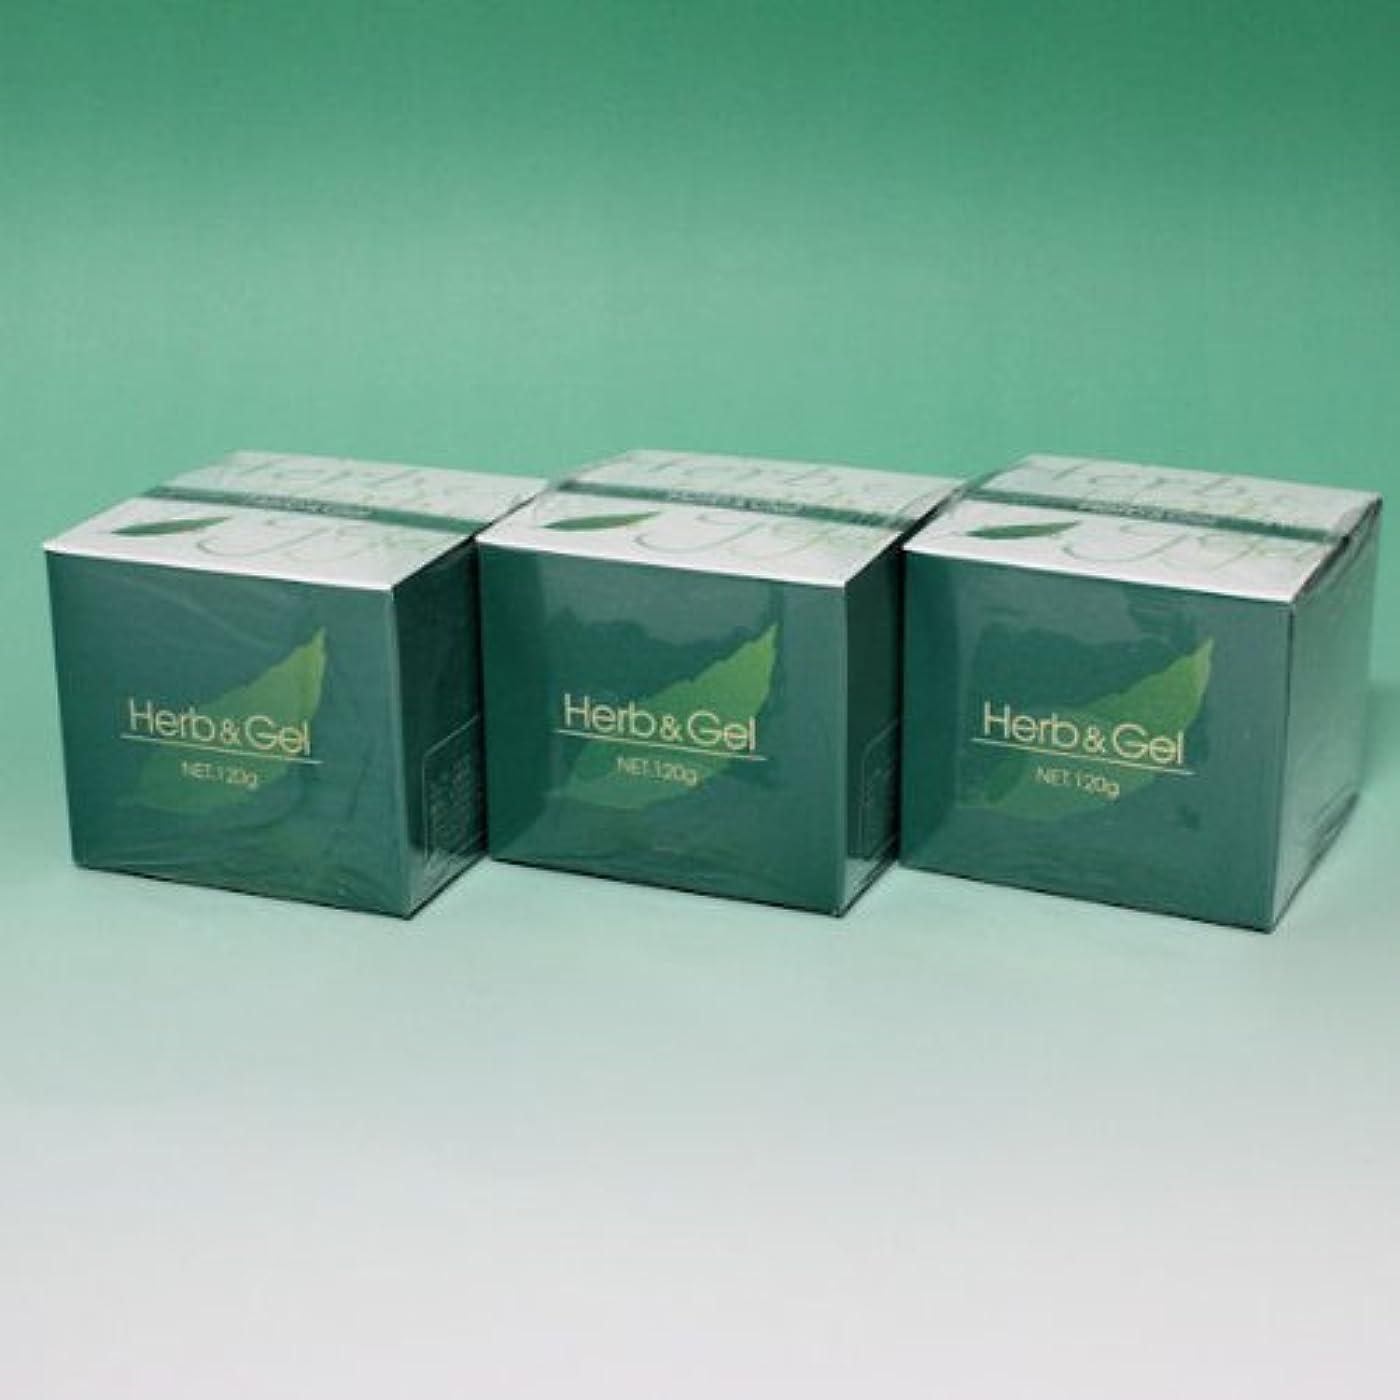 財産どこ彫刻ハーブアンドゲル 天然ハーブエキス配合 120g×3瓶セット (4580109490026)